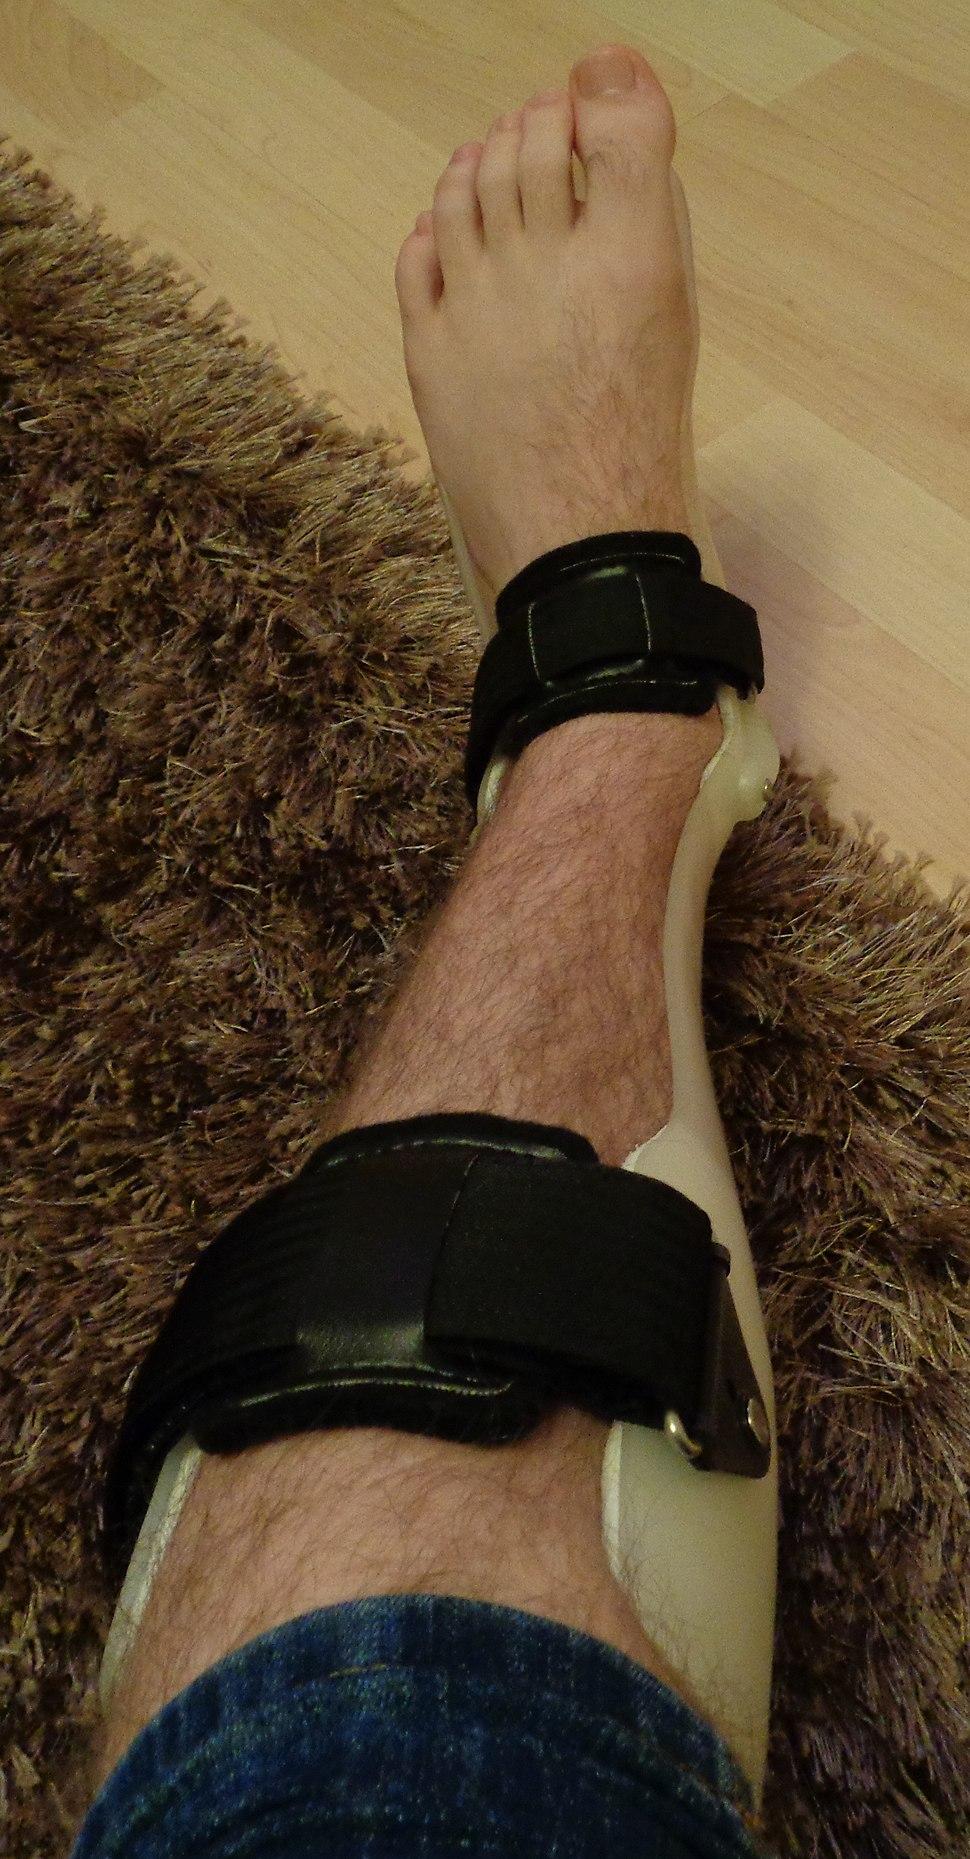 AFO Ankle Foot Orthosis Orthotic Brace